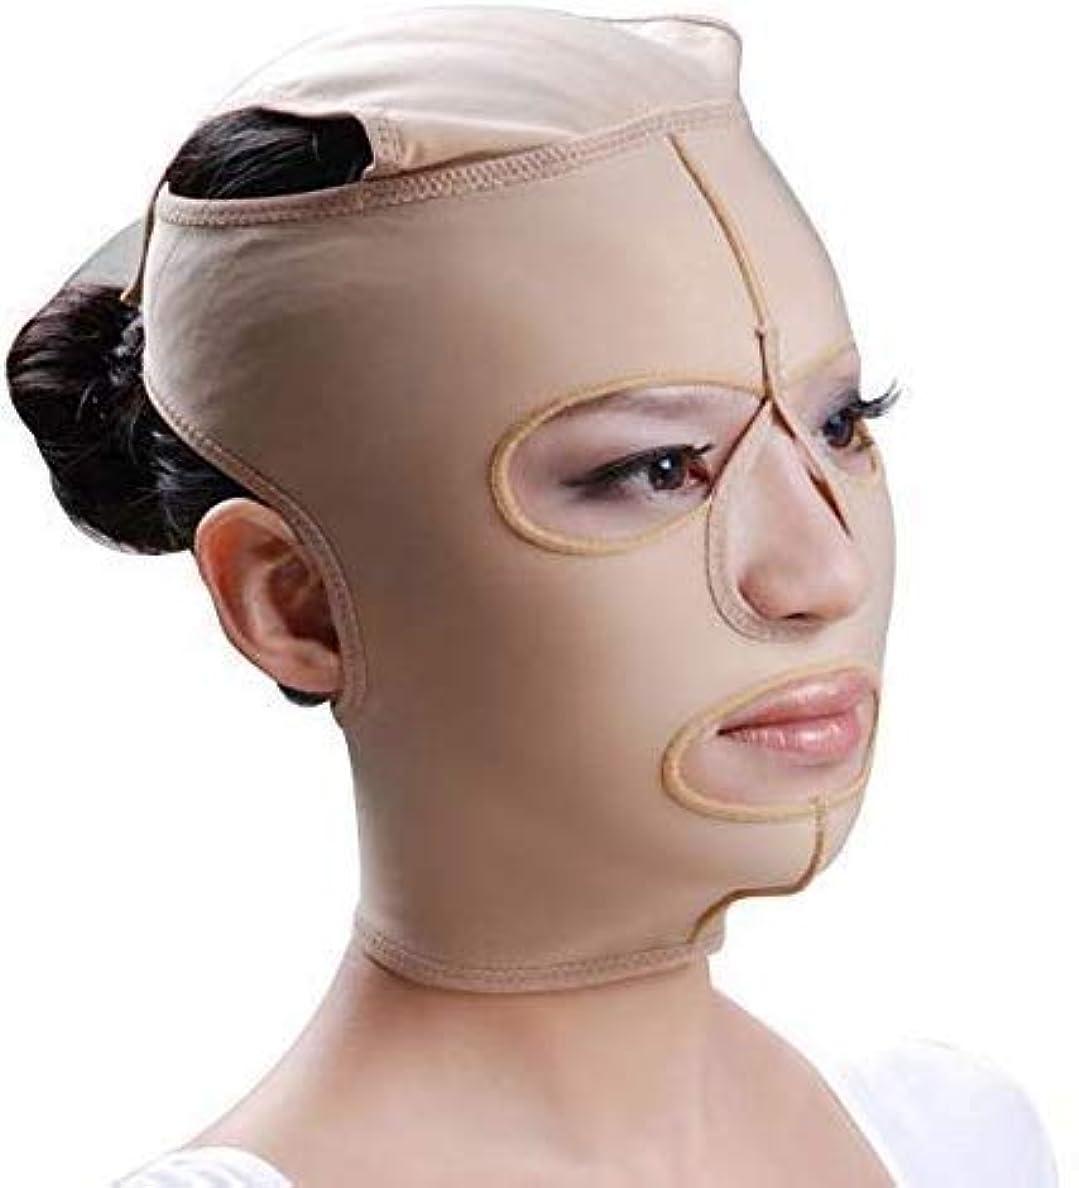 コール役立つうなる美容と実用的な引き締めフェイスマスク、フェイシャルマスク弾性フェイスリフティングリフティング引き締めパターンマイクロ仕上げポストモデリングコンプレッションフェイスマスク(サイズ:S)